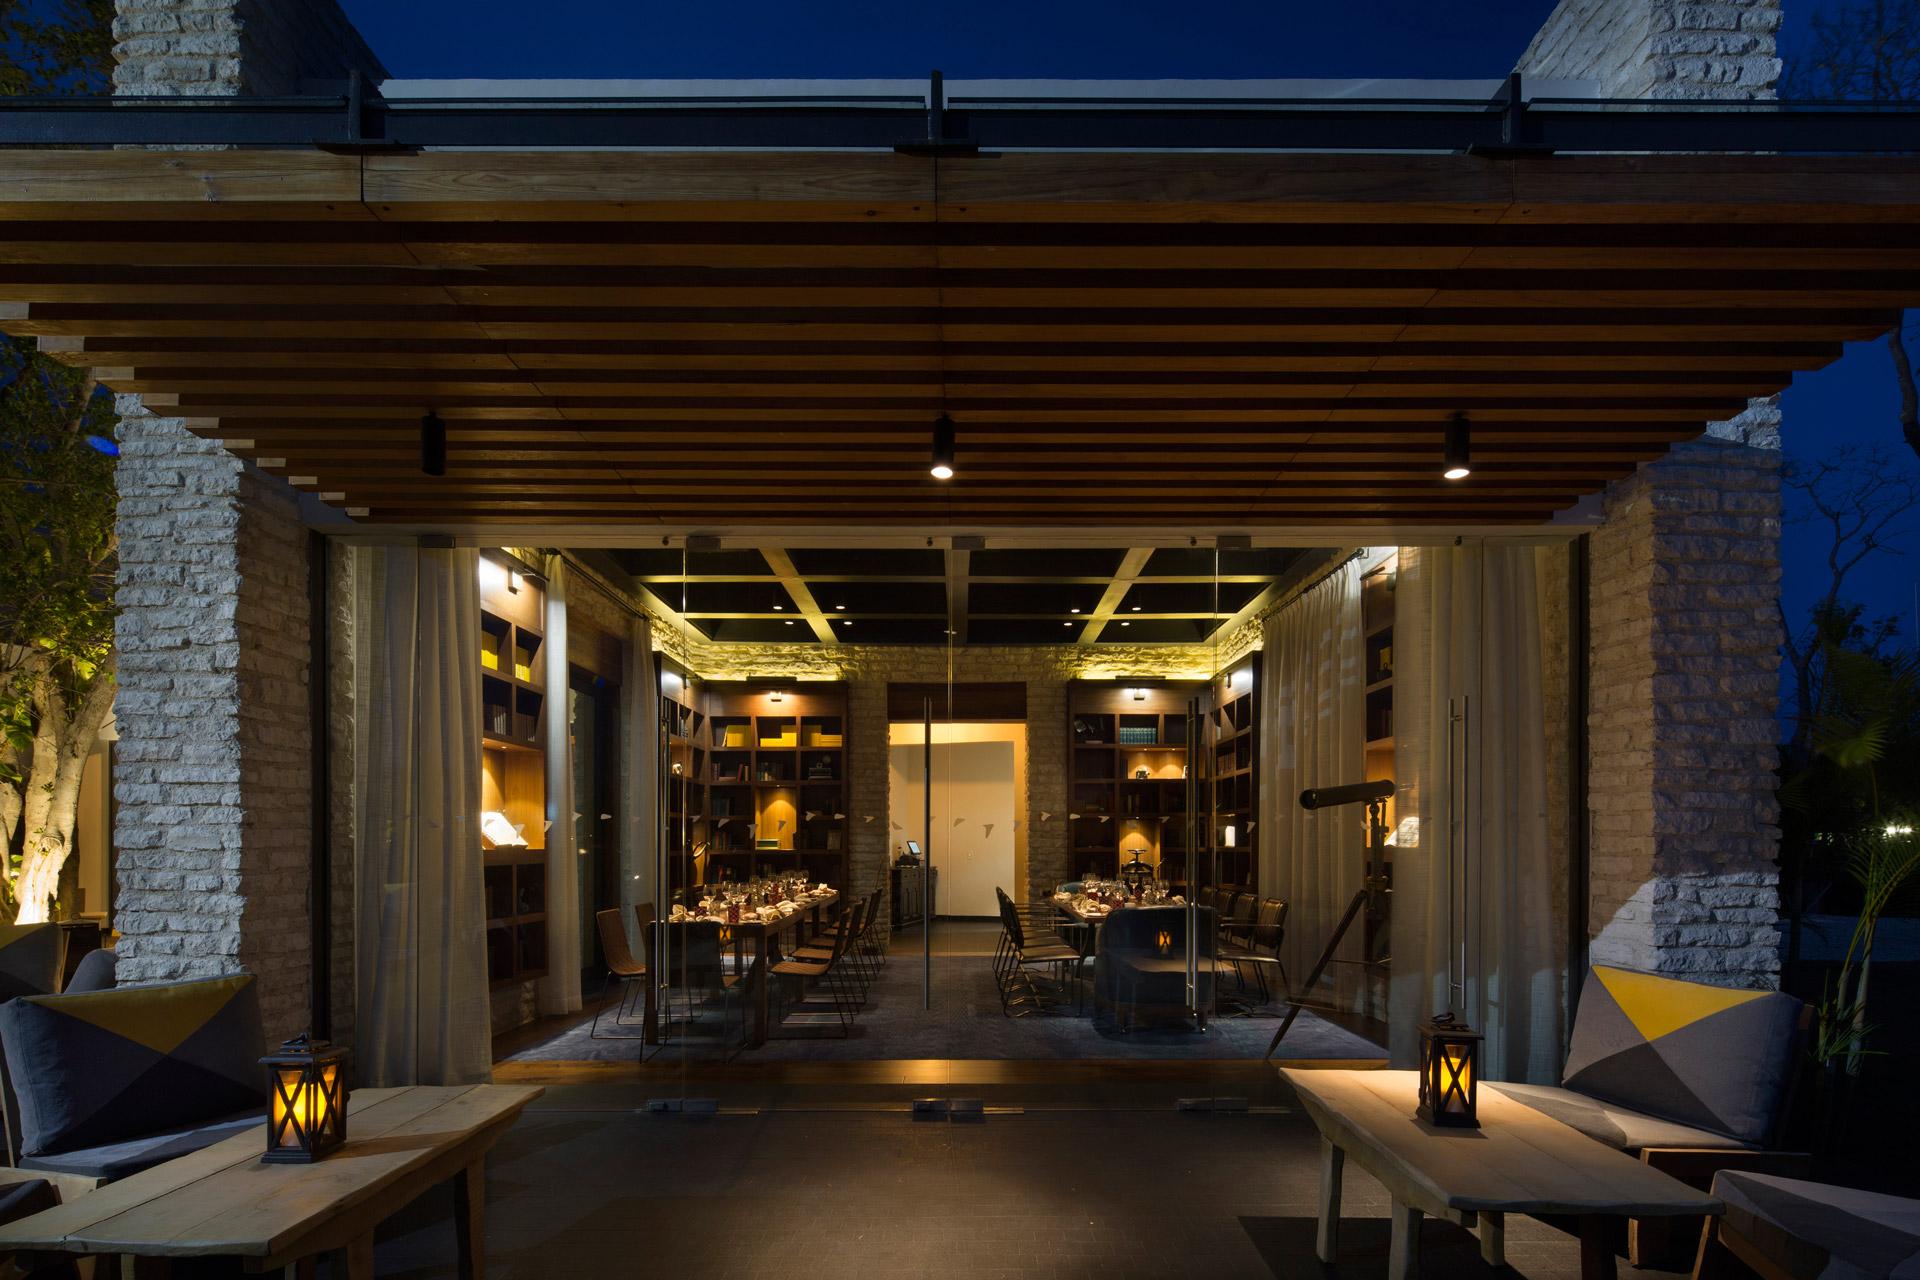 Casa Amate restaurant interiors